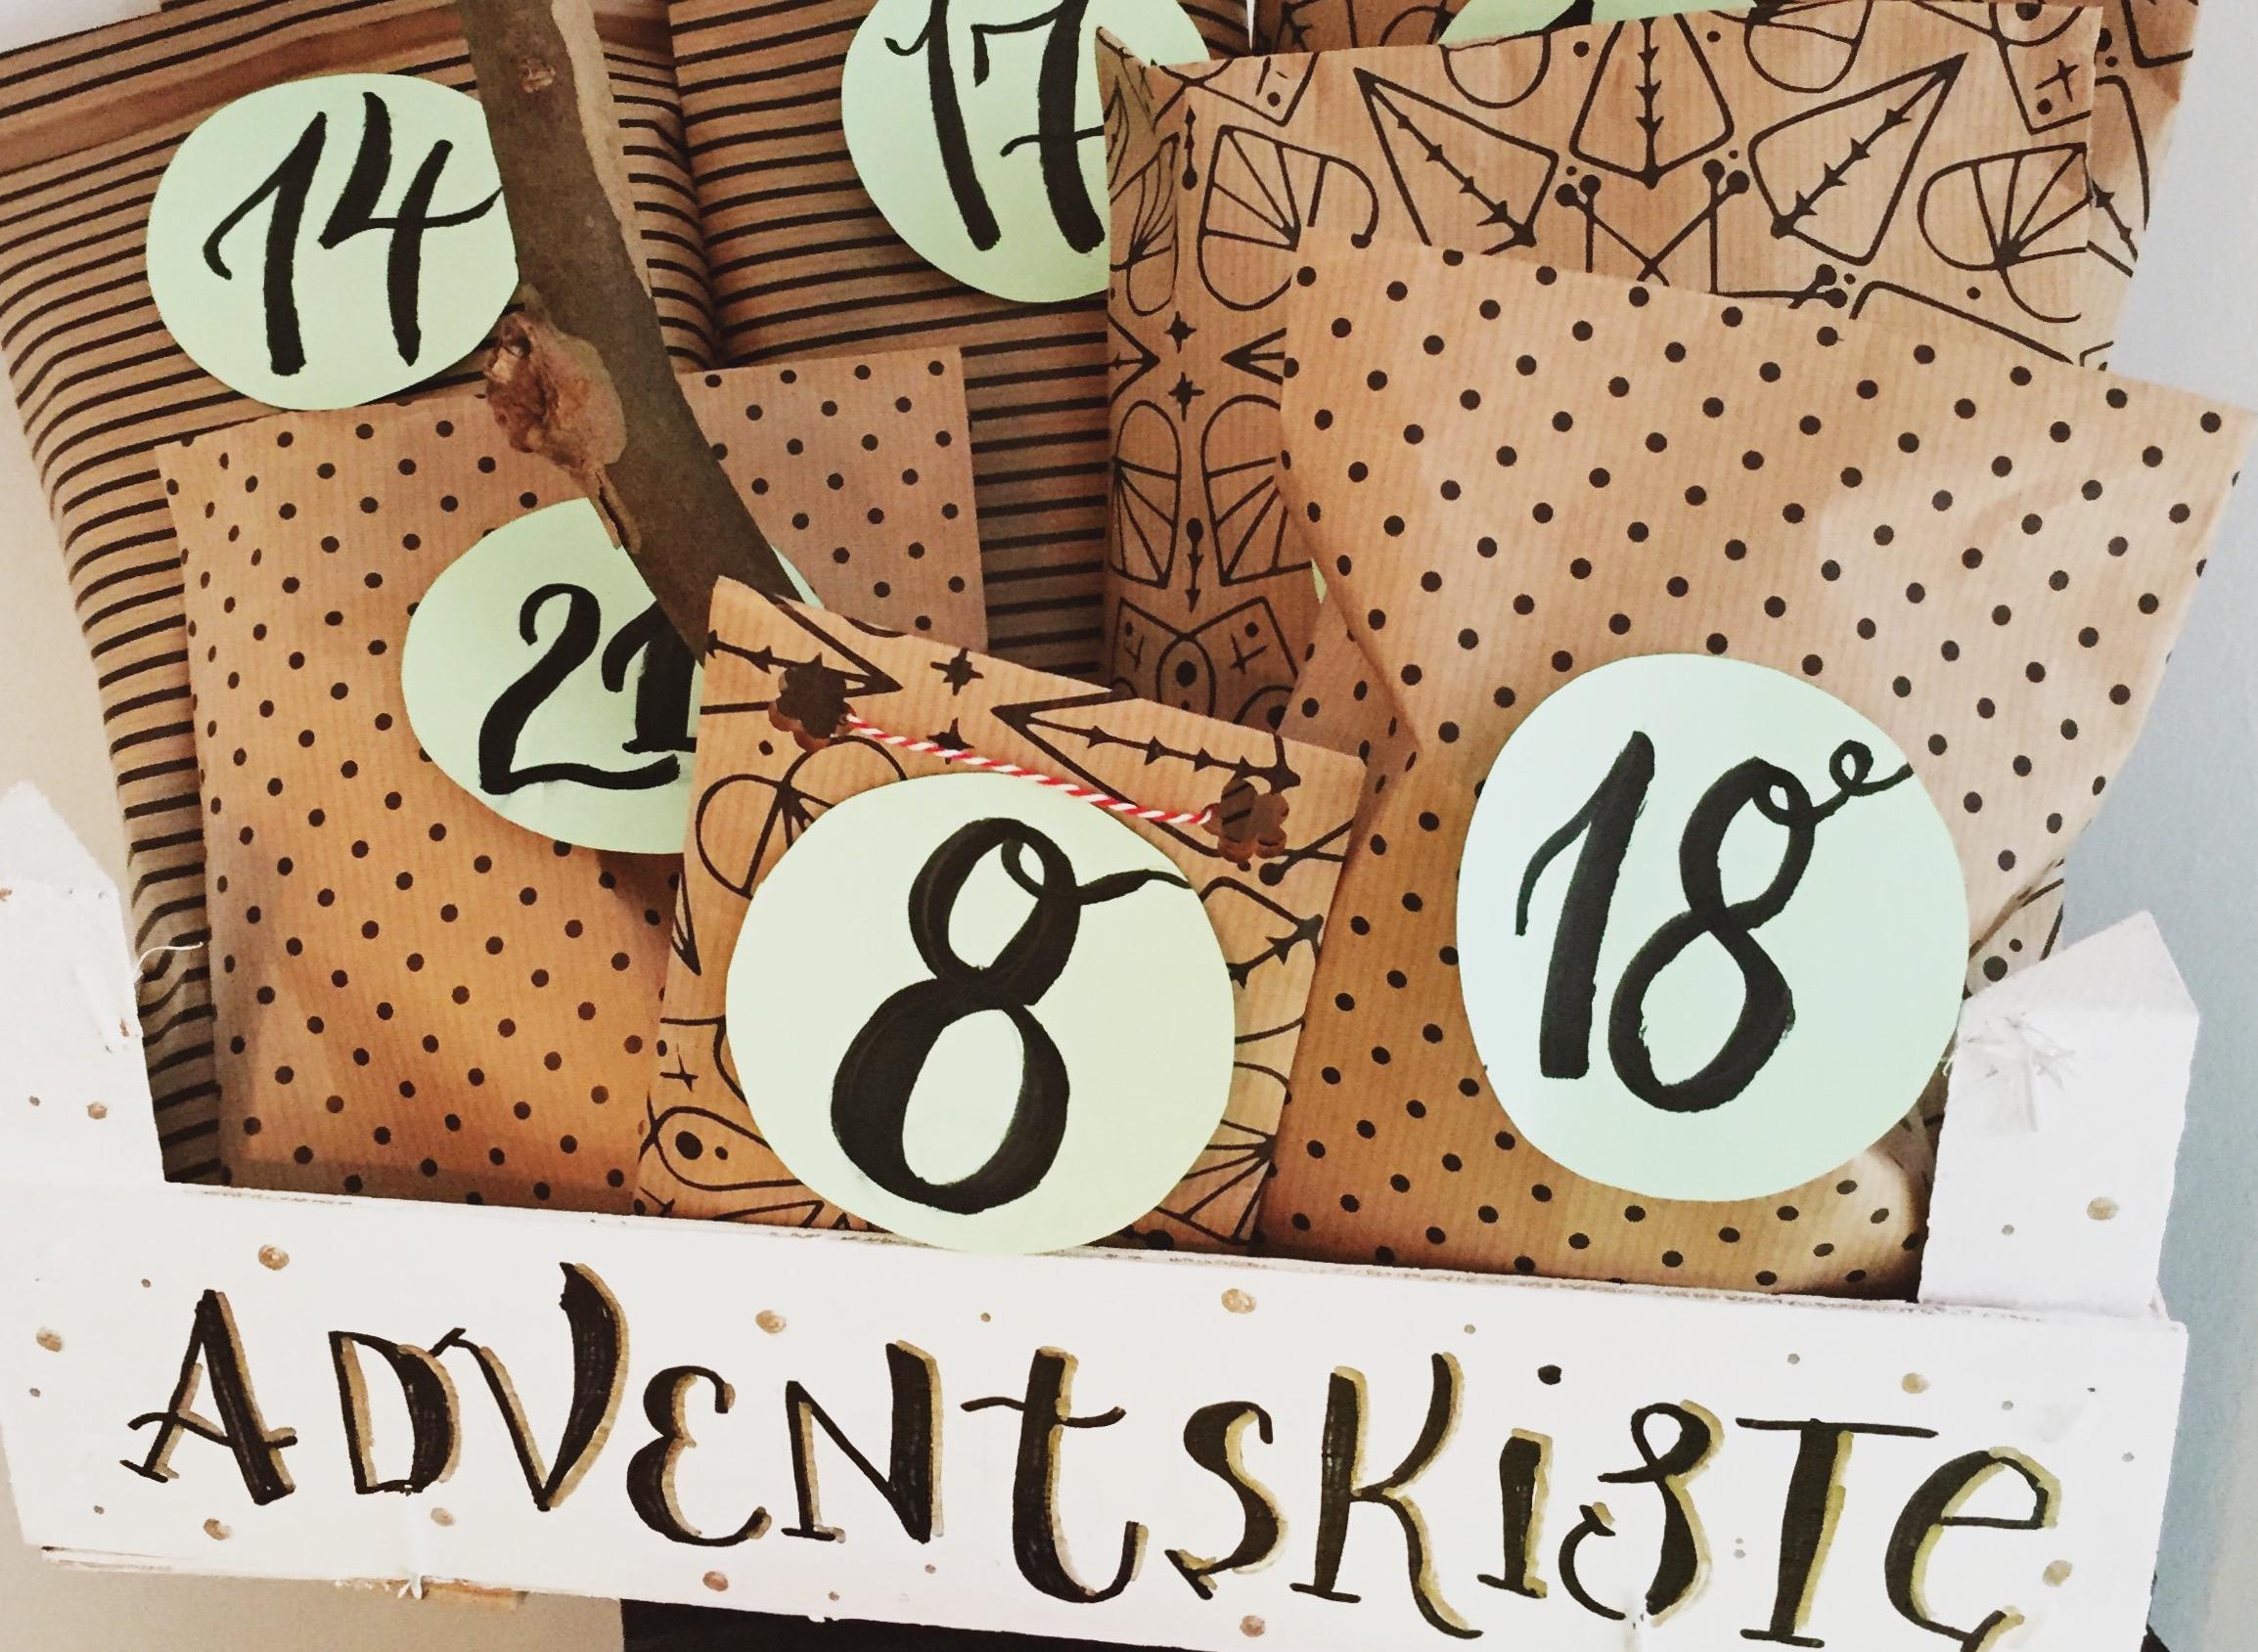 Adventskalender basteln und befüllen – So sieht unser Adventskalender dieses Jahr aus